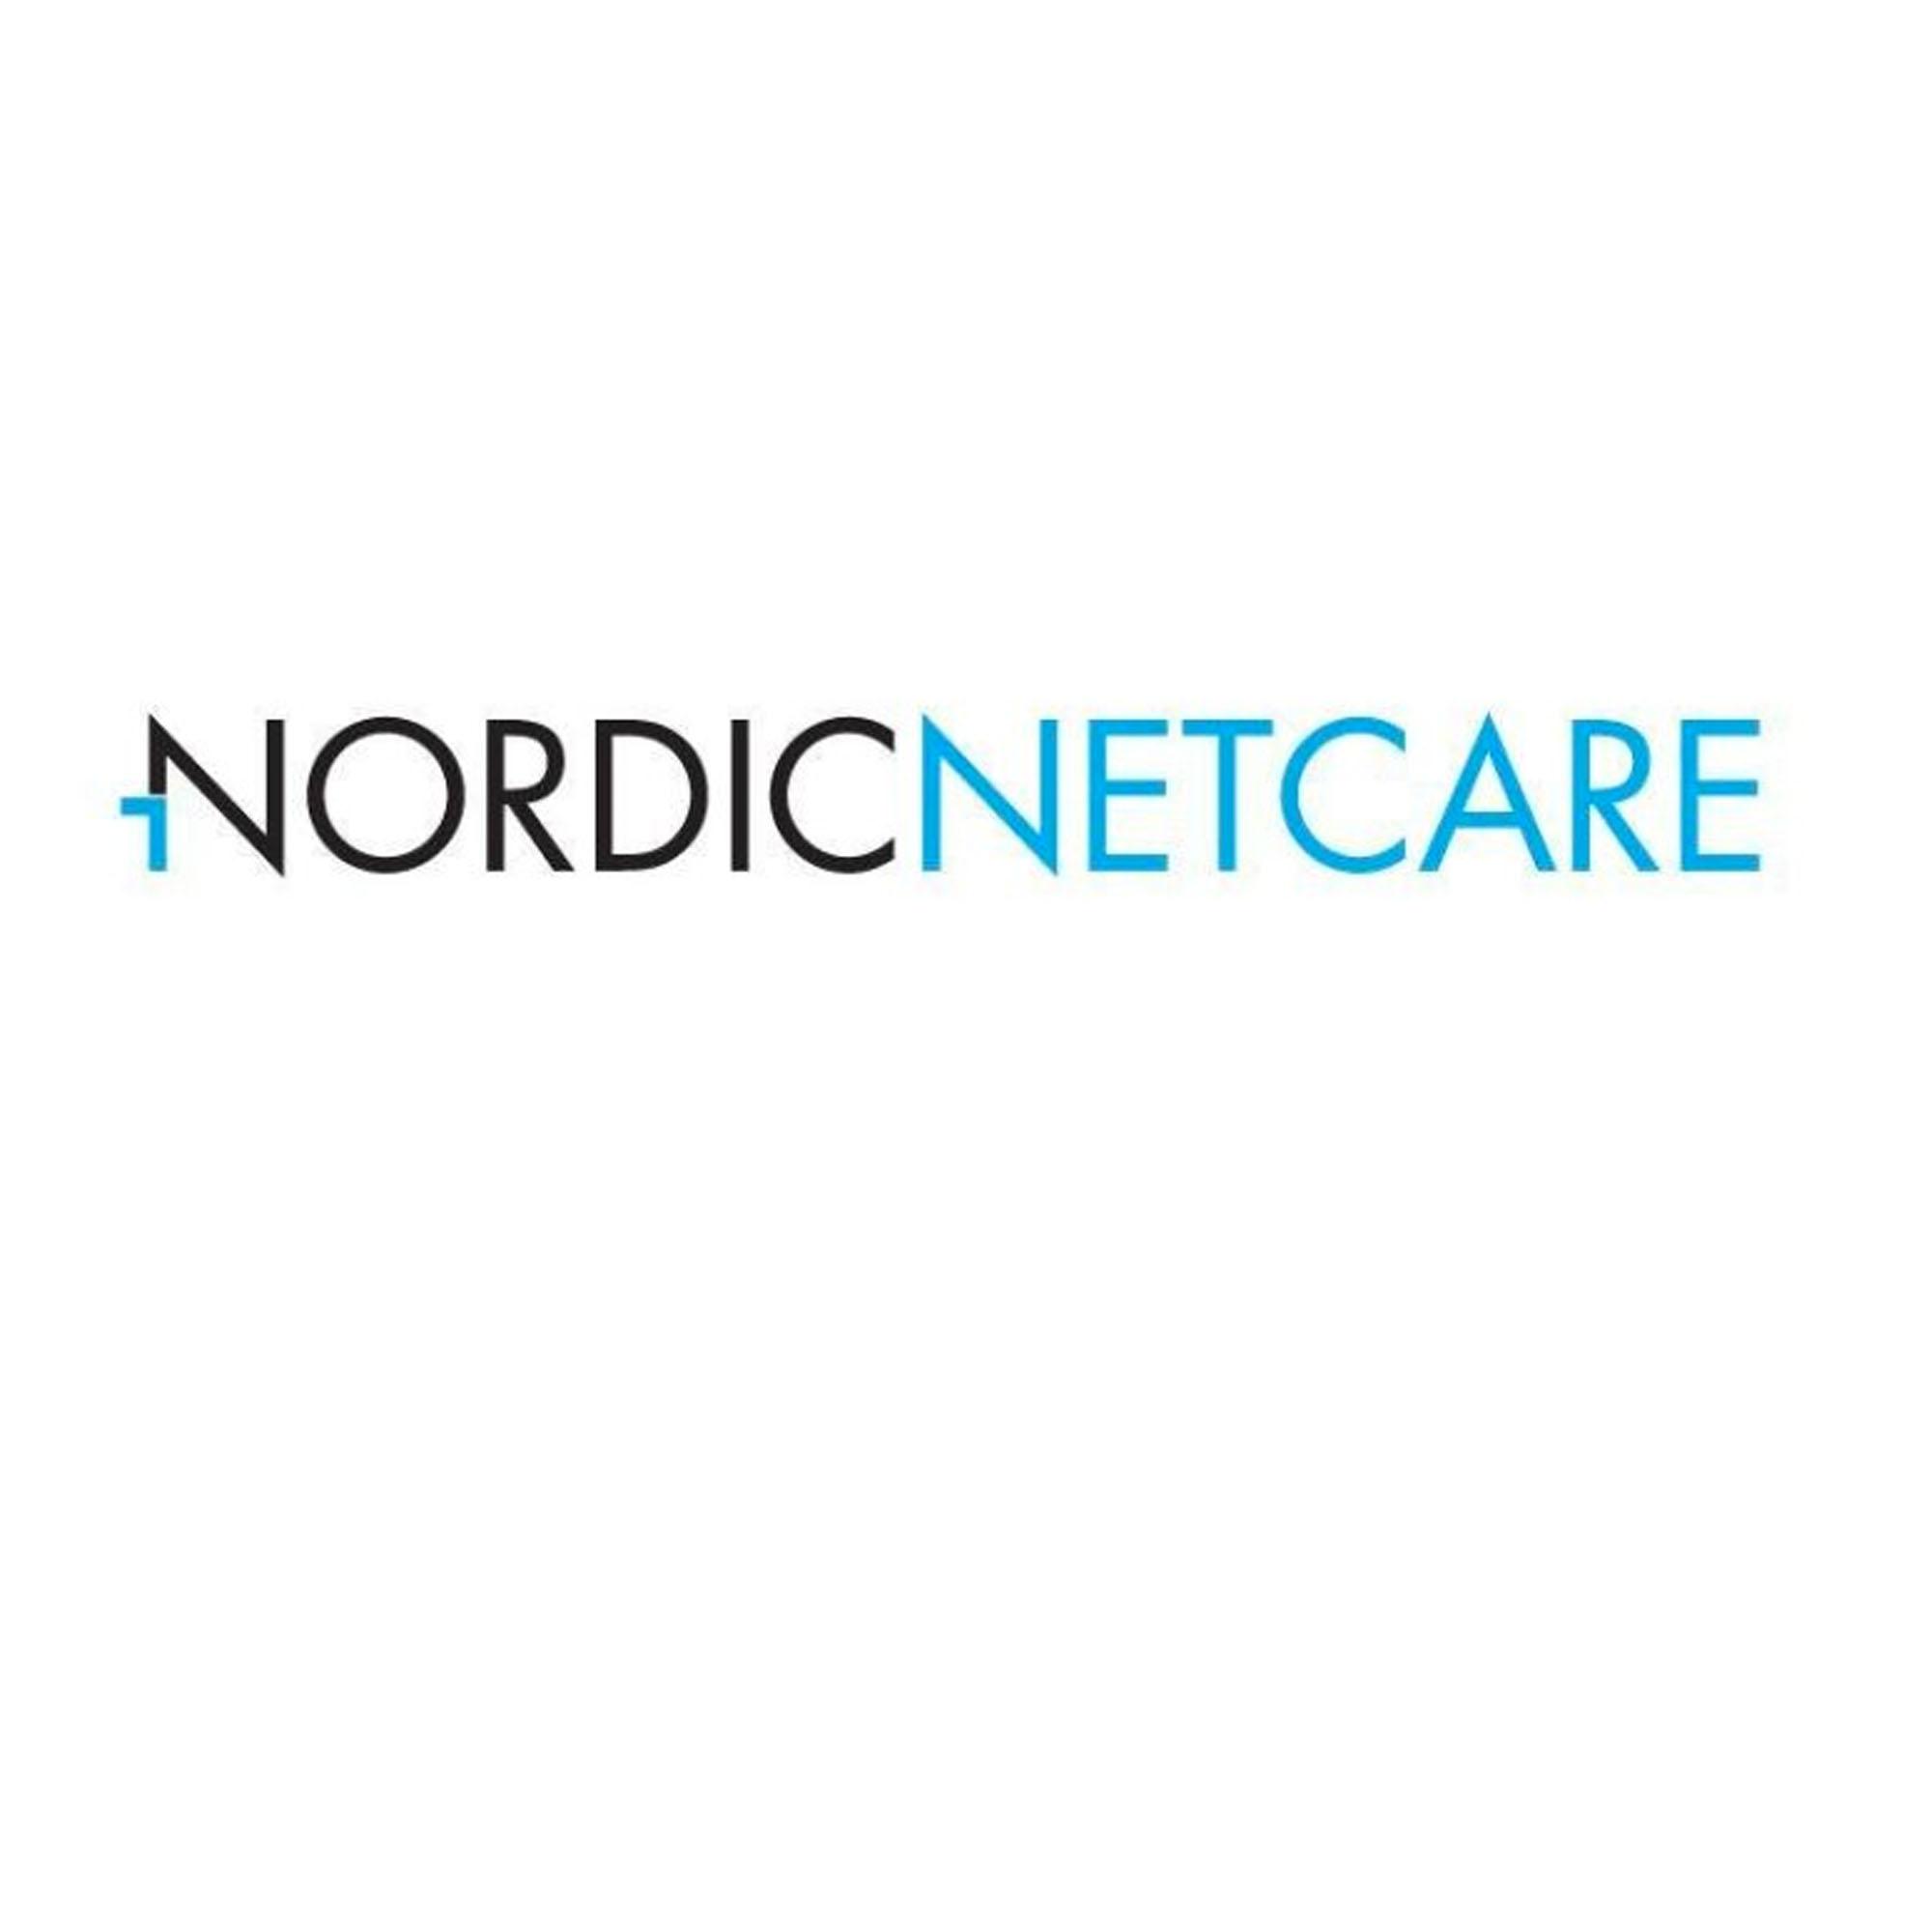 Nordic Netcare    Kontakta Nordic Netcare på   (+47) 21 93 94 65   om du har sjukvårdsförsäkring tecknad hos dem.